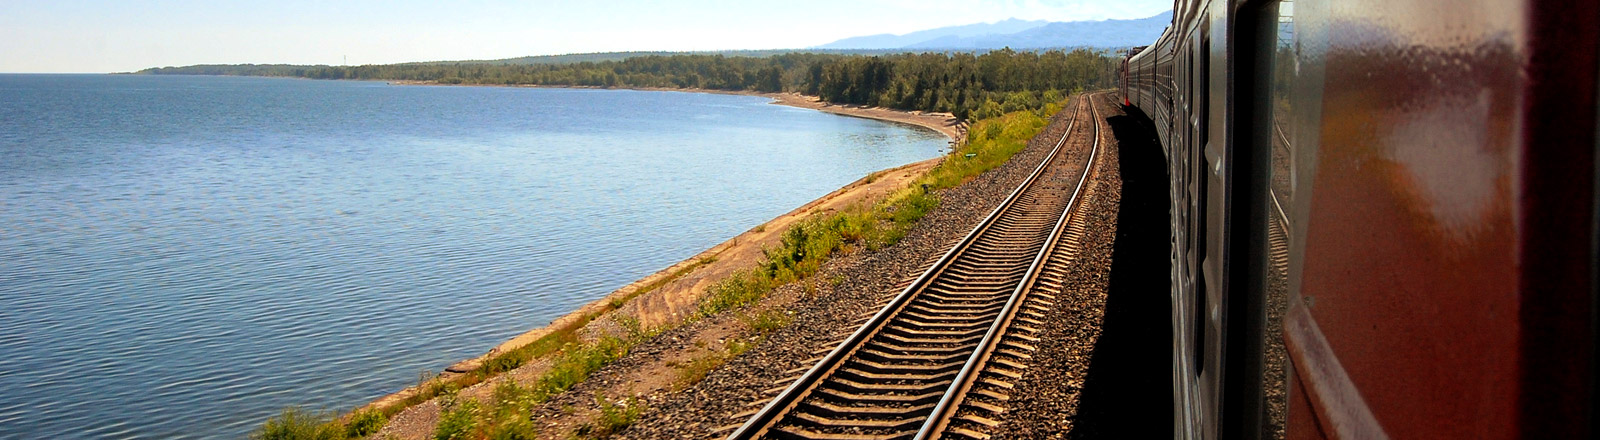 Eine Bahnstrecke an einem See, auf der ein Zug fährt